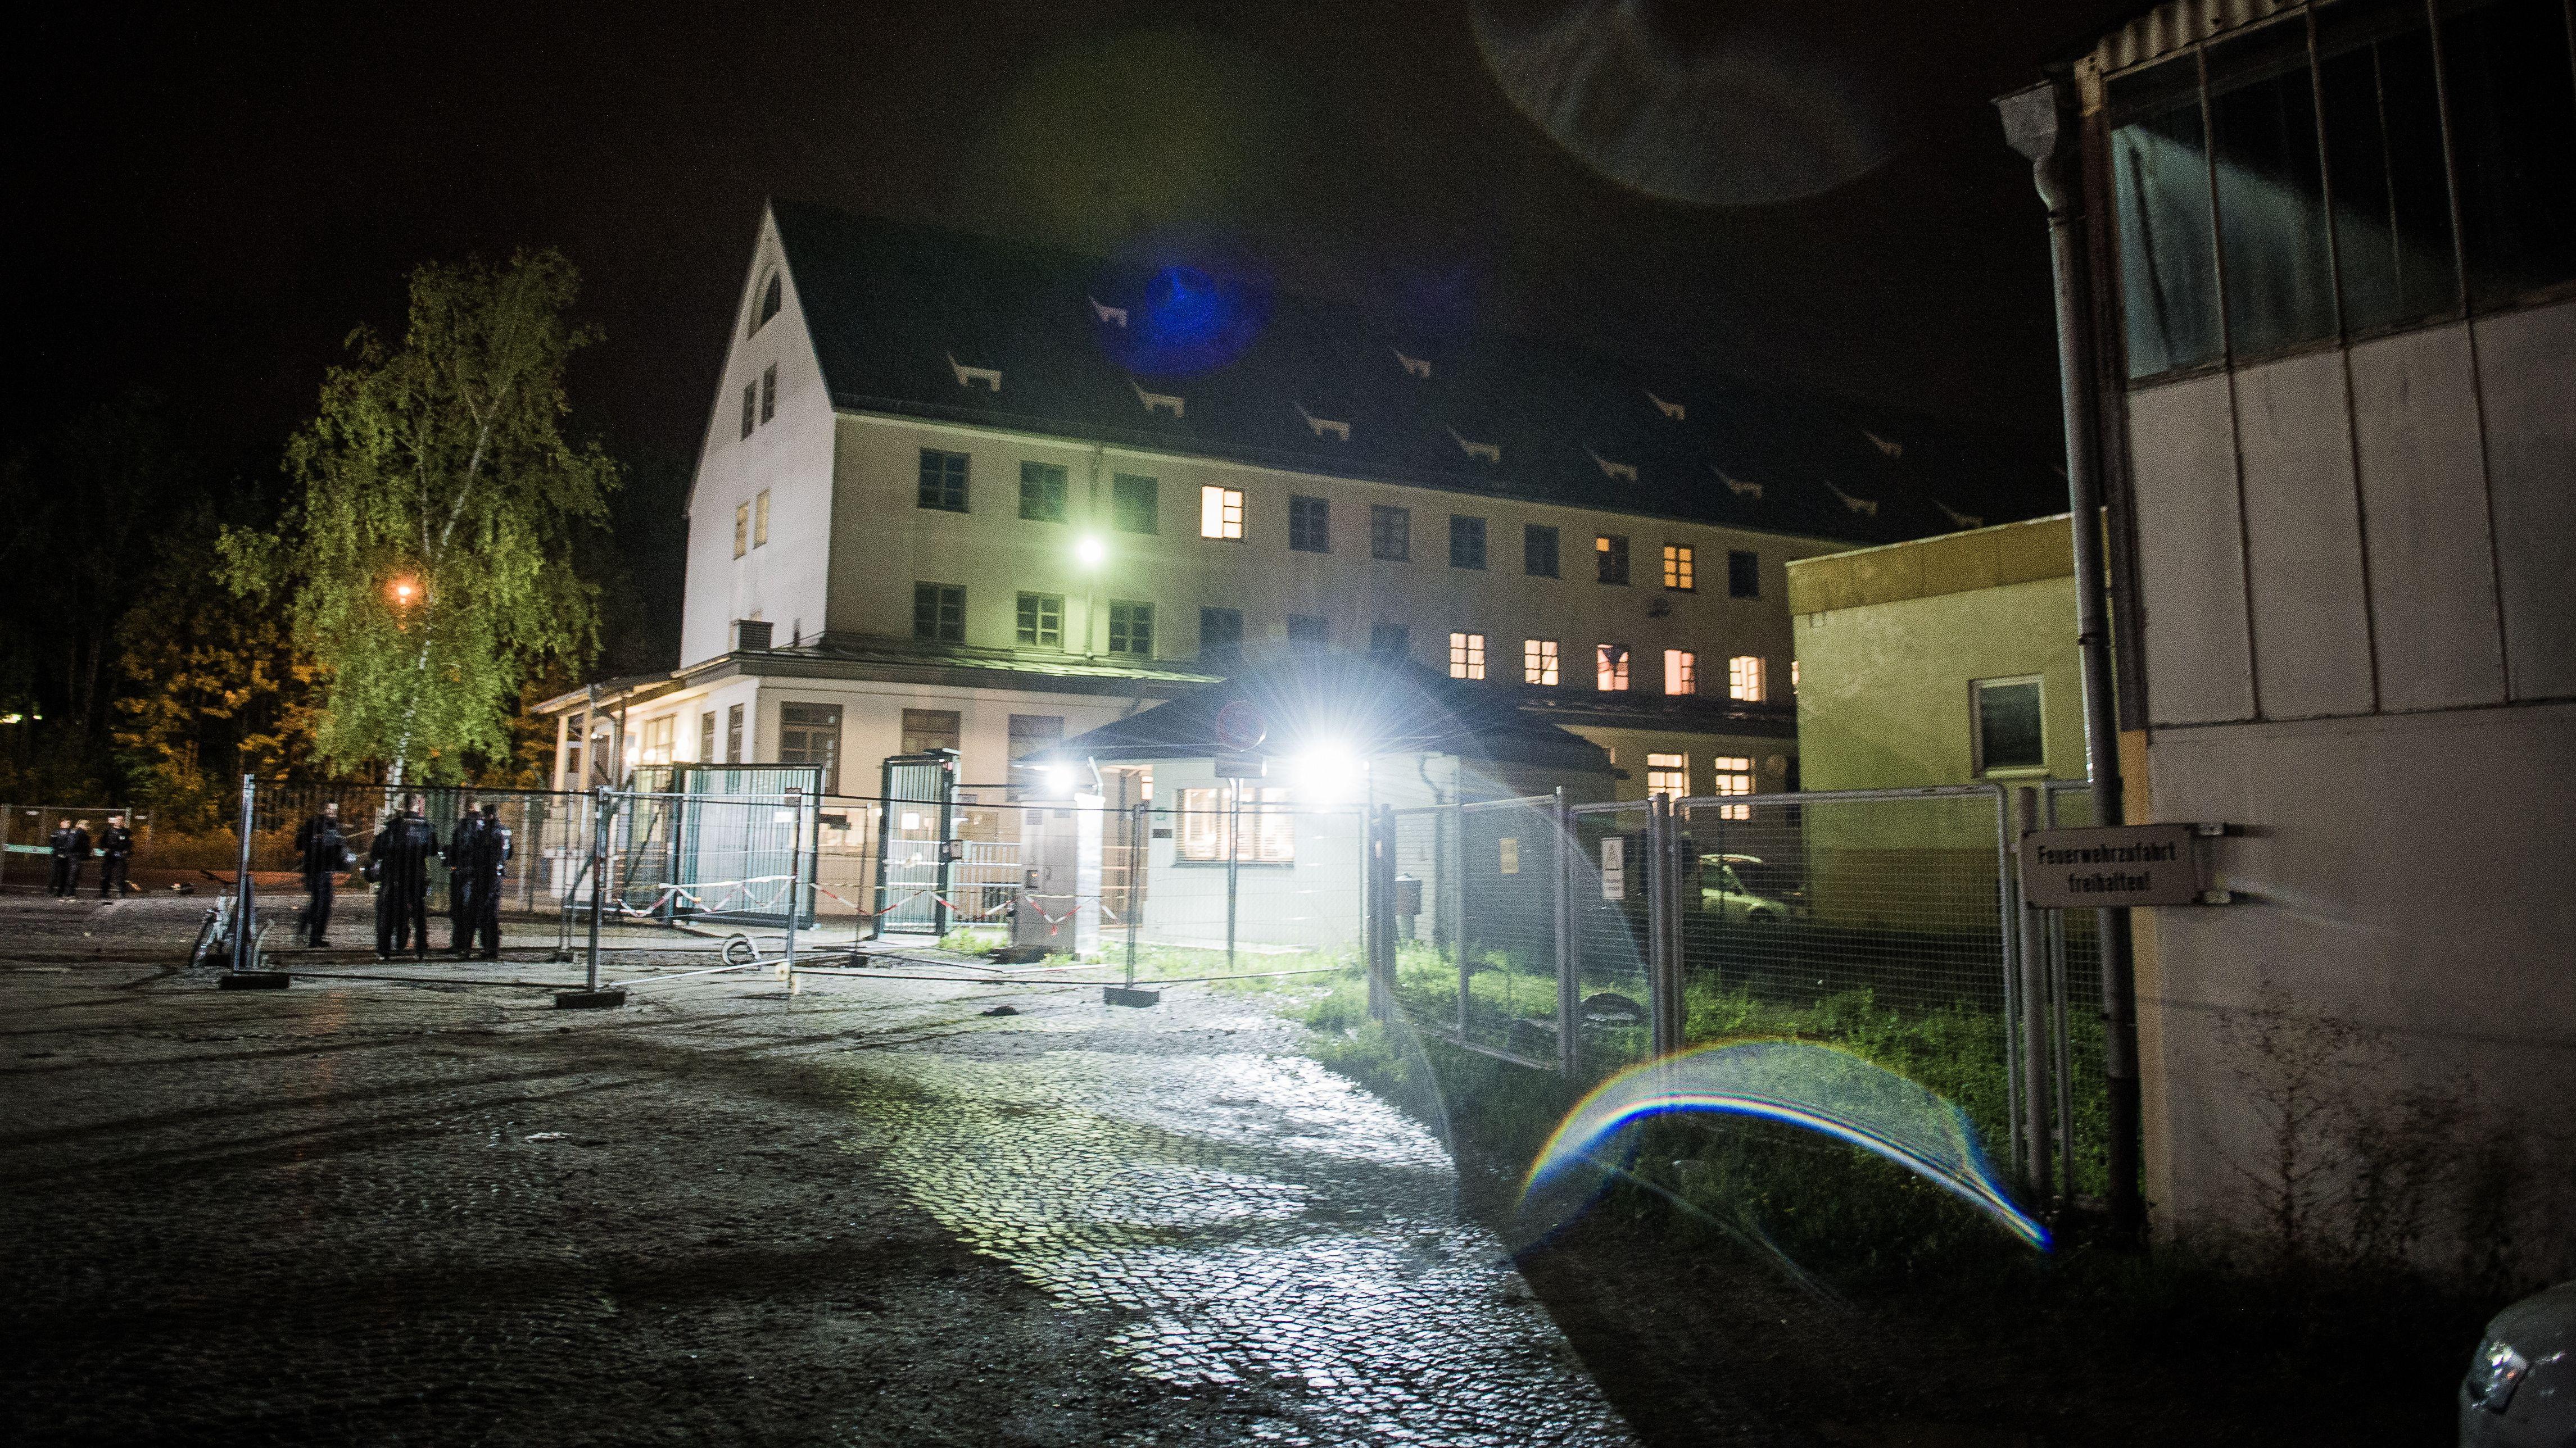 Das Ankerzentrum Deggendorf in der Nacht von außen.